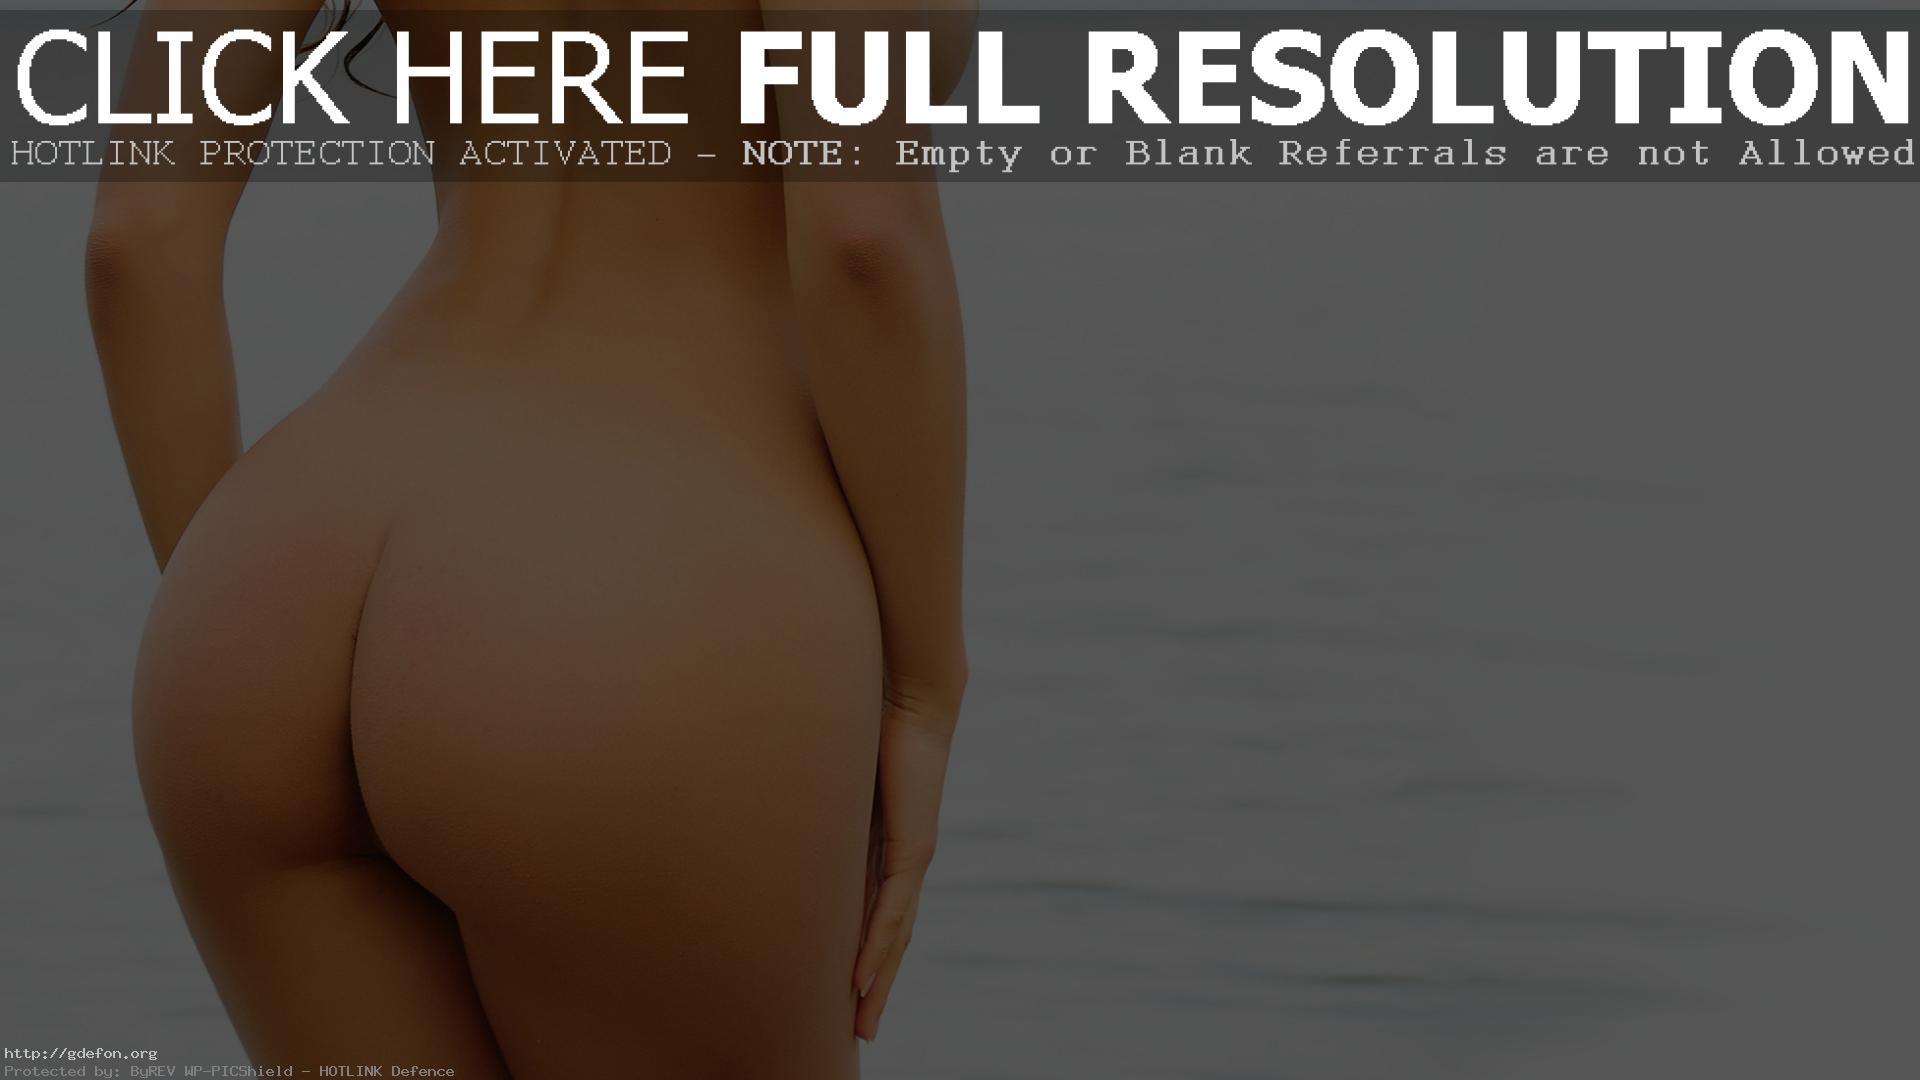 Самые красивые женские попы фото, Красивые попки - фото самых красивых попок девушек 3 фотография